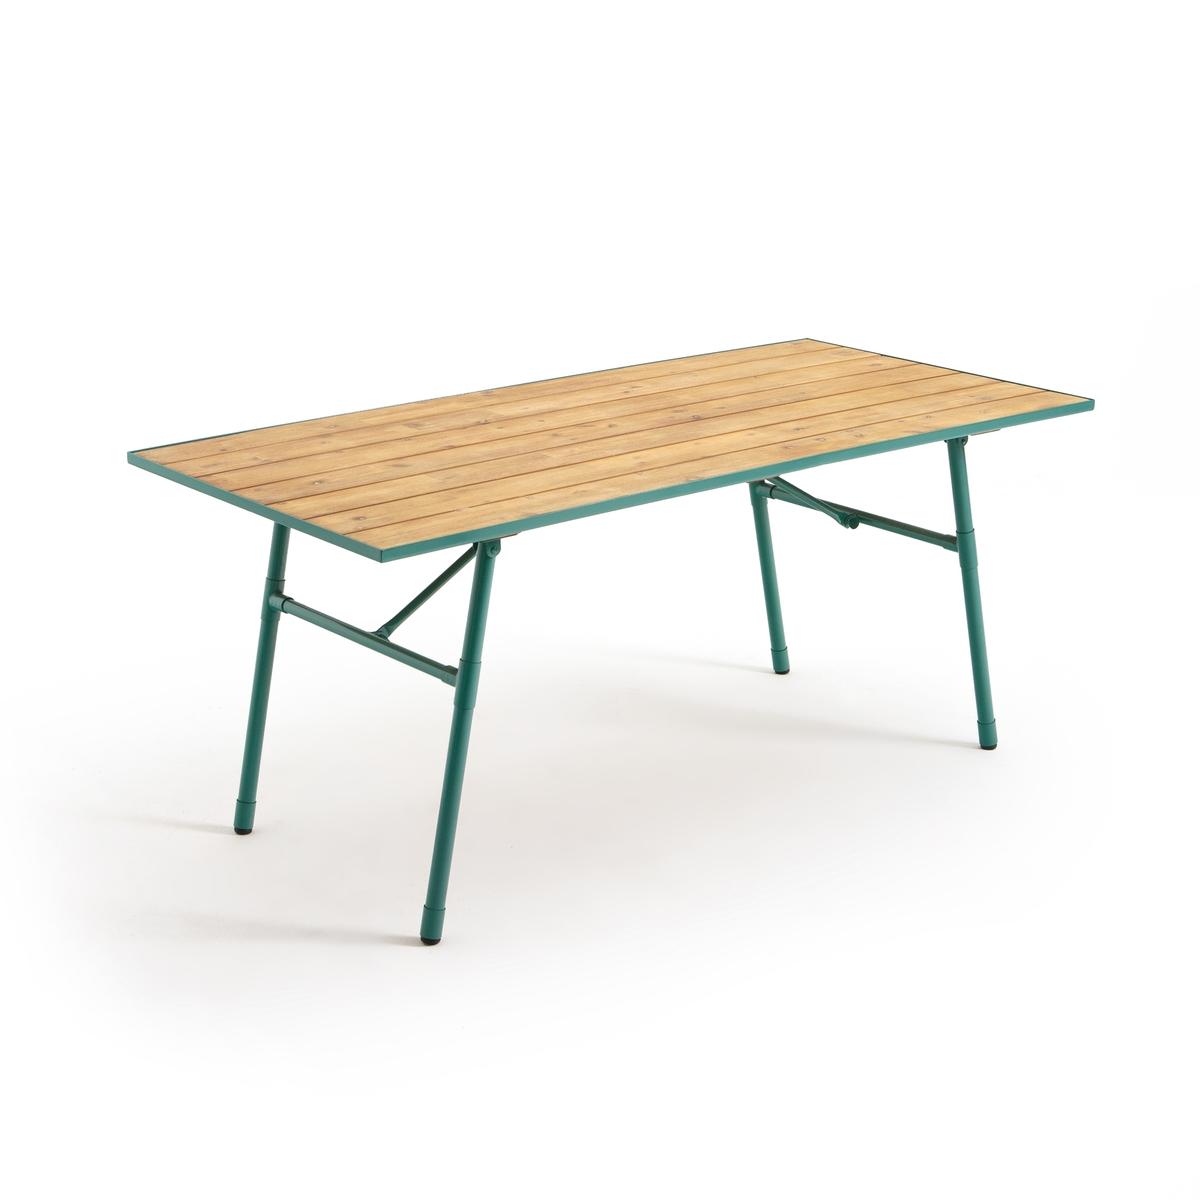 Стол La Redoute Складной для сада Sohan единый размер зеленый